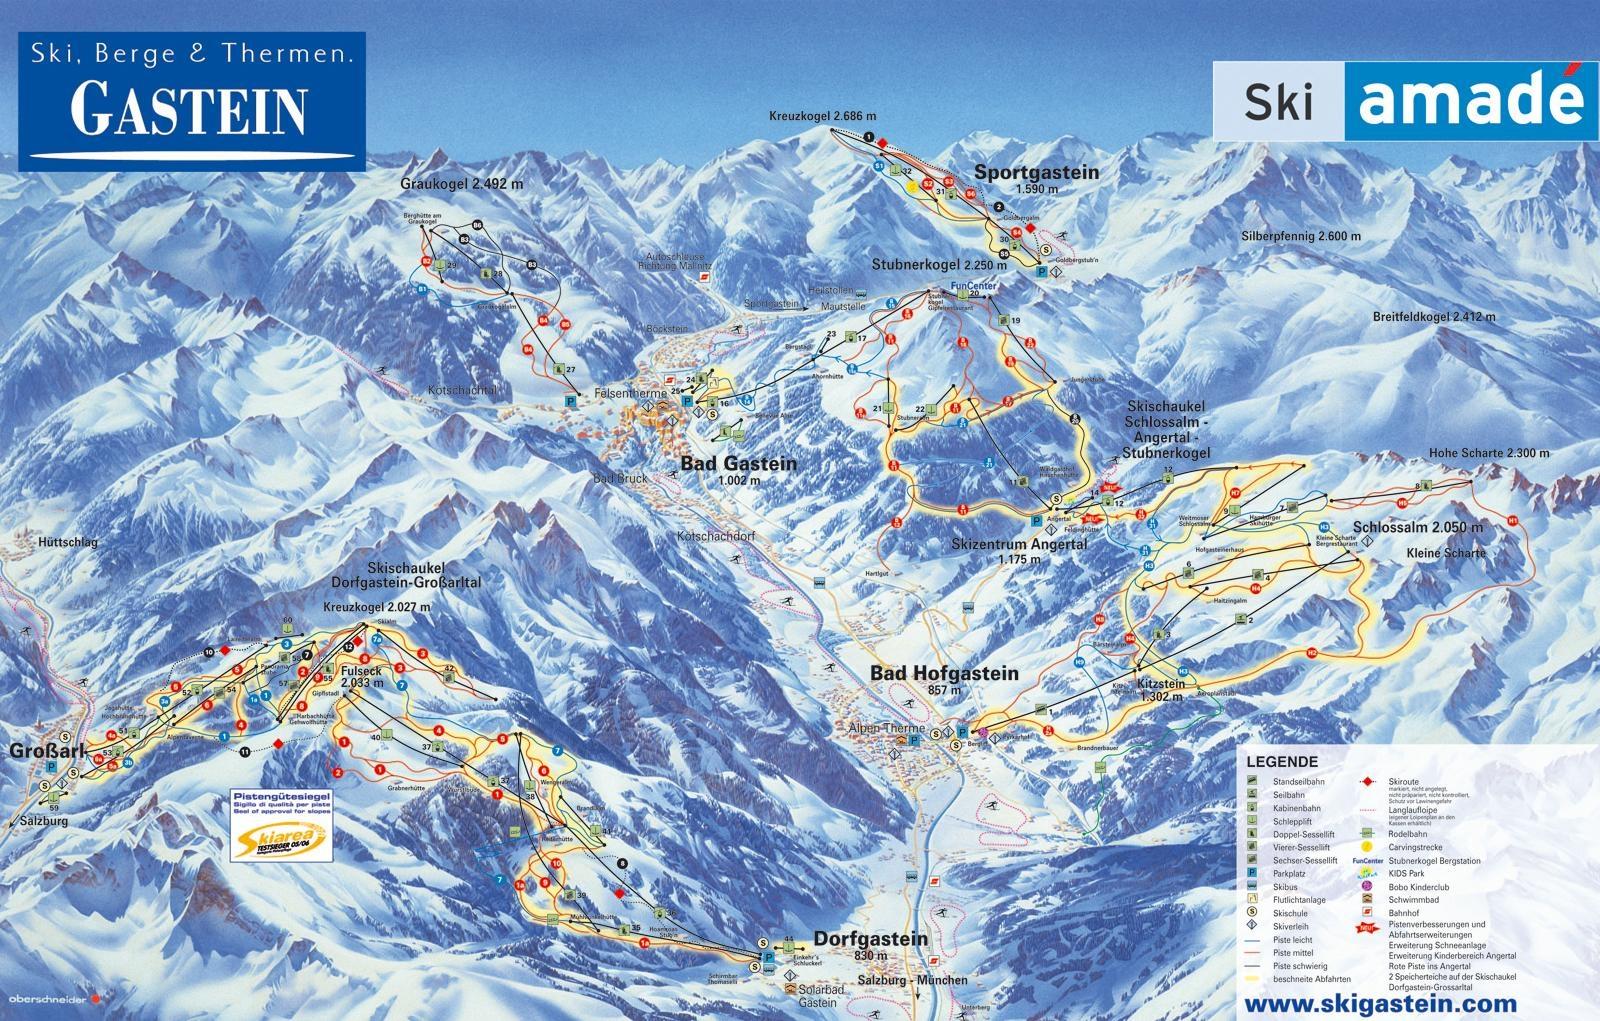 Skigebiet Gasteinertal, Piste, Skipasspreise, Pistenplan